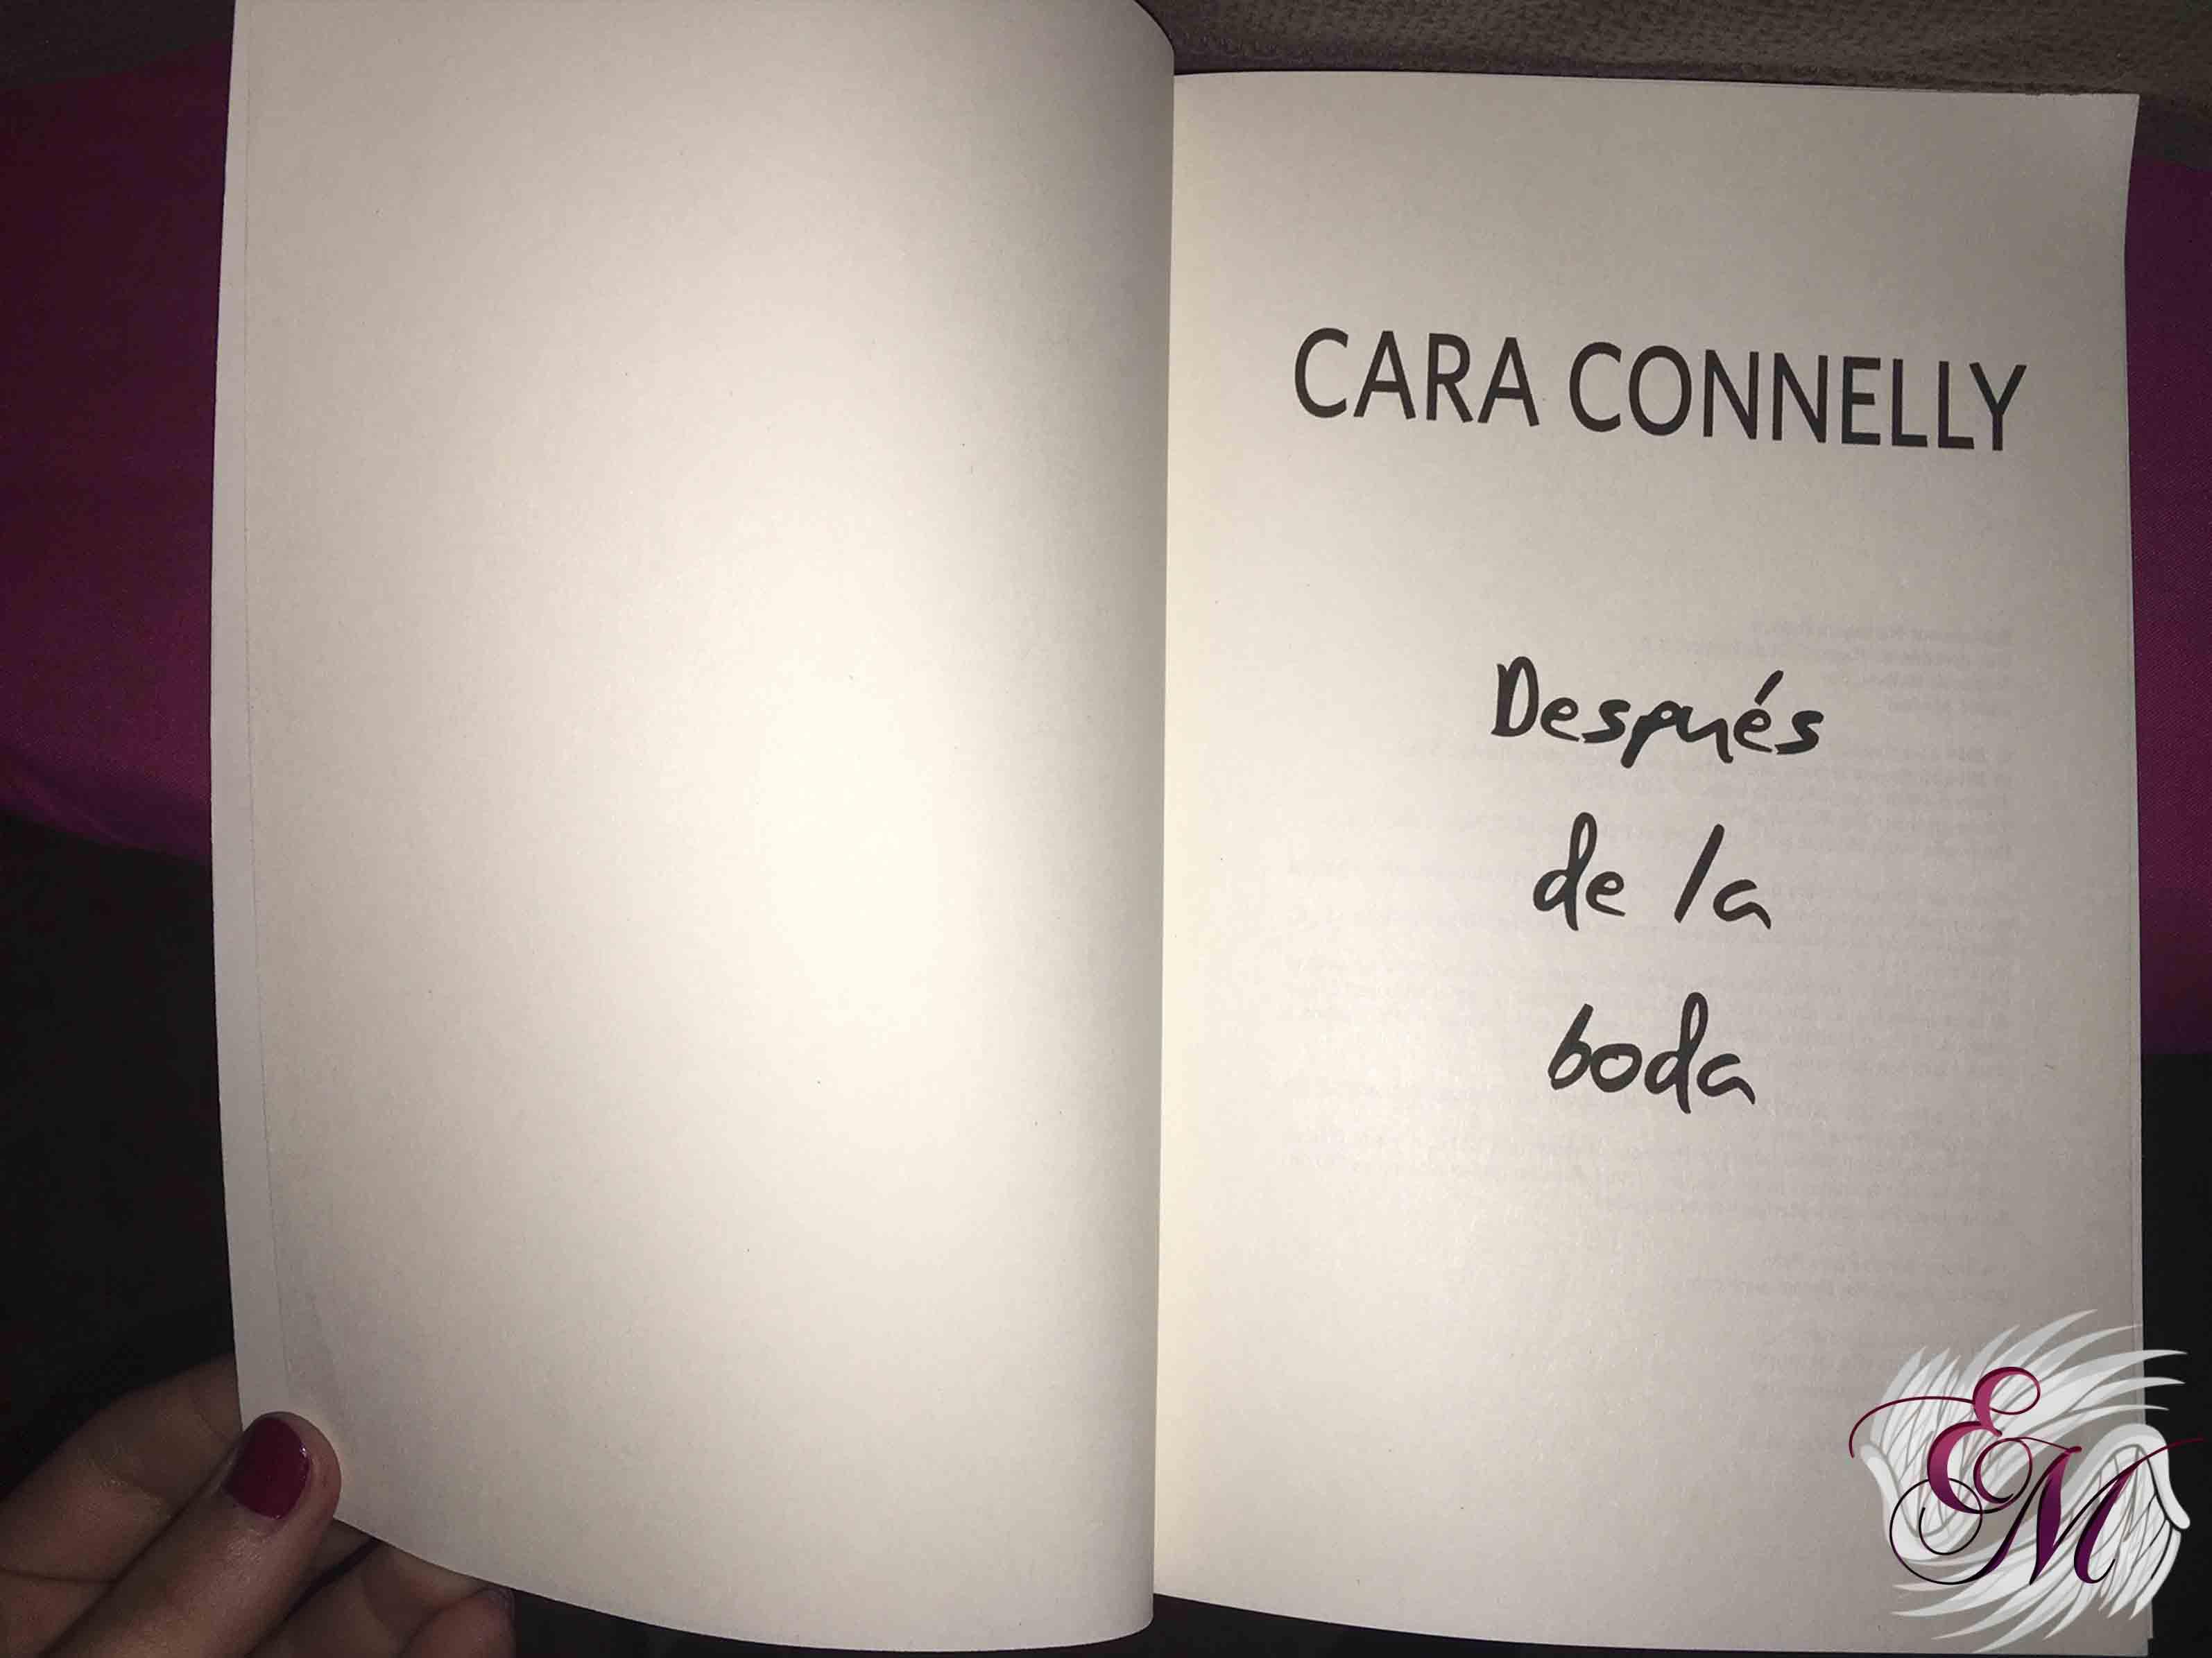 Después de la boda, de Cara Conelly - Reseña